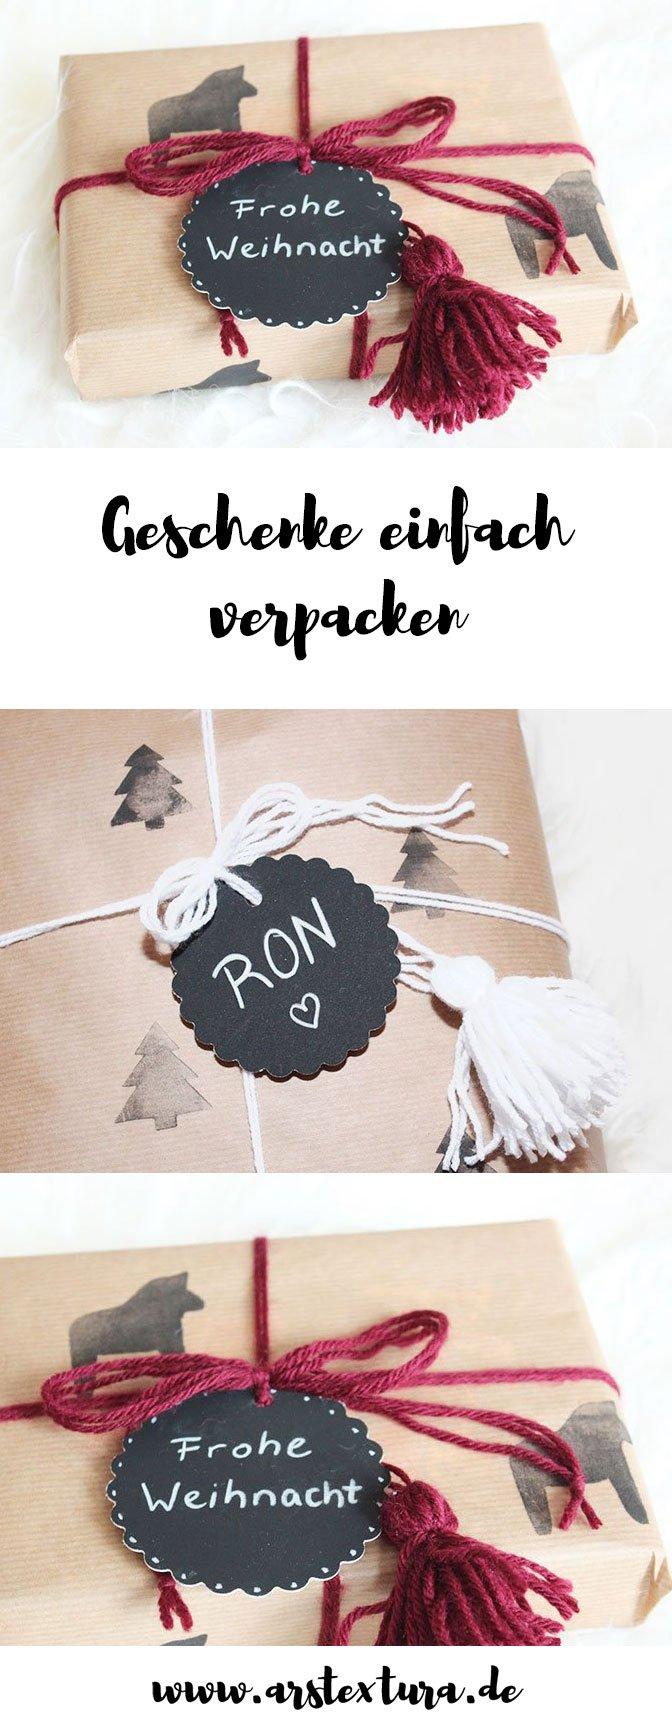 DIY Geschenkpapier aus Packpapier mit Stempeln - Geschenke günstig verpacken - DIY Geschenk